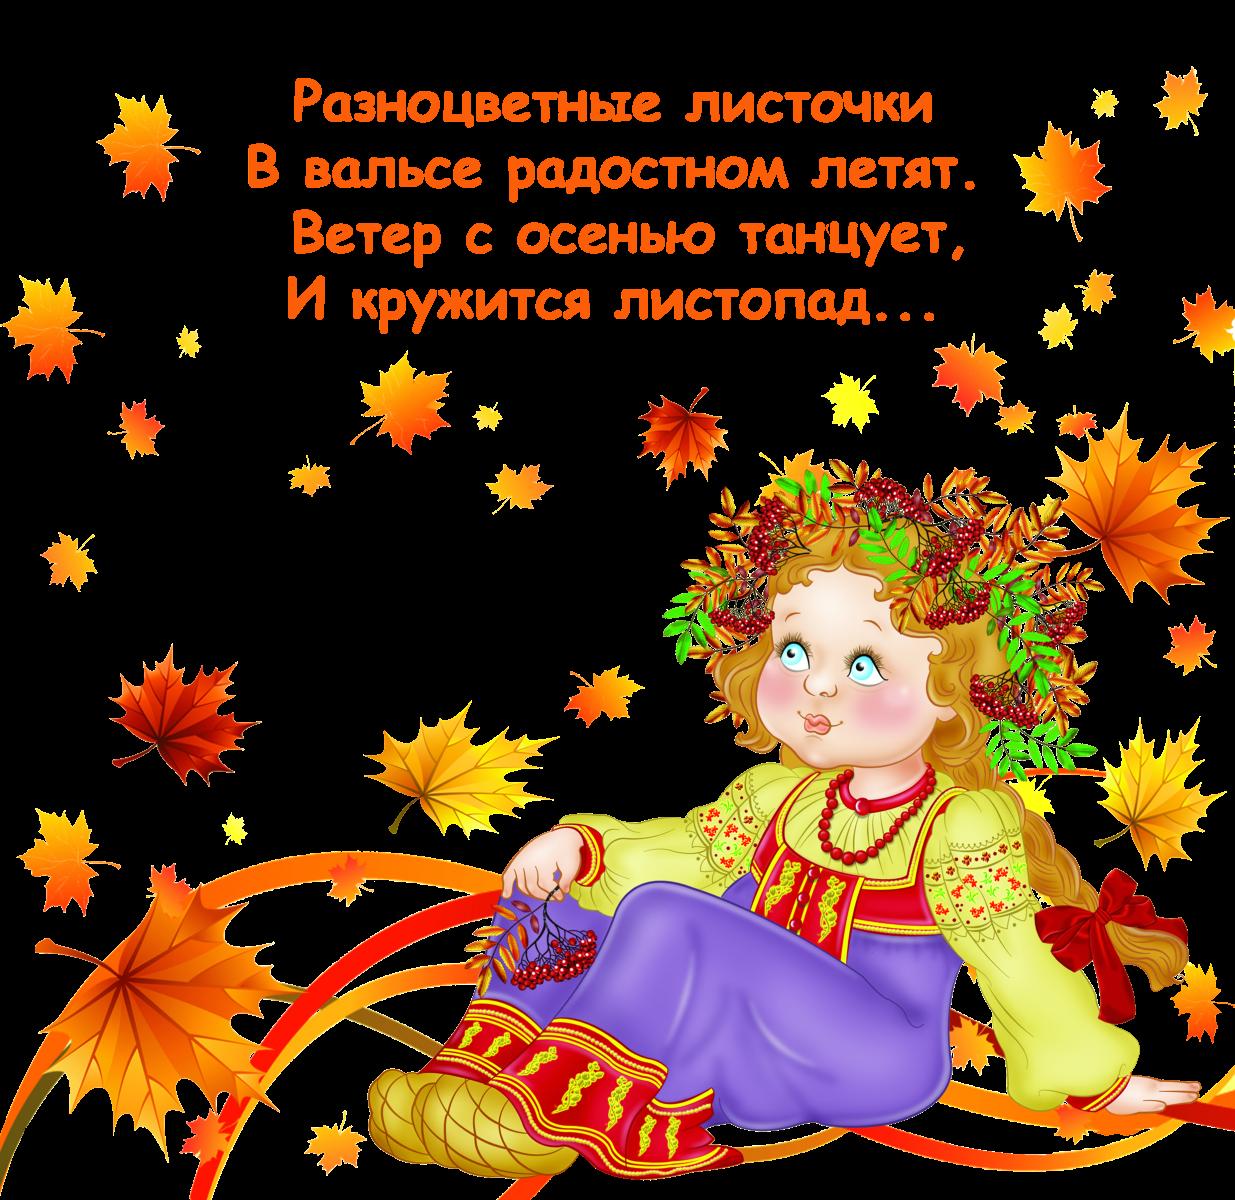 Марийском языке, картинки с детскими стихами про осень